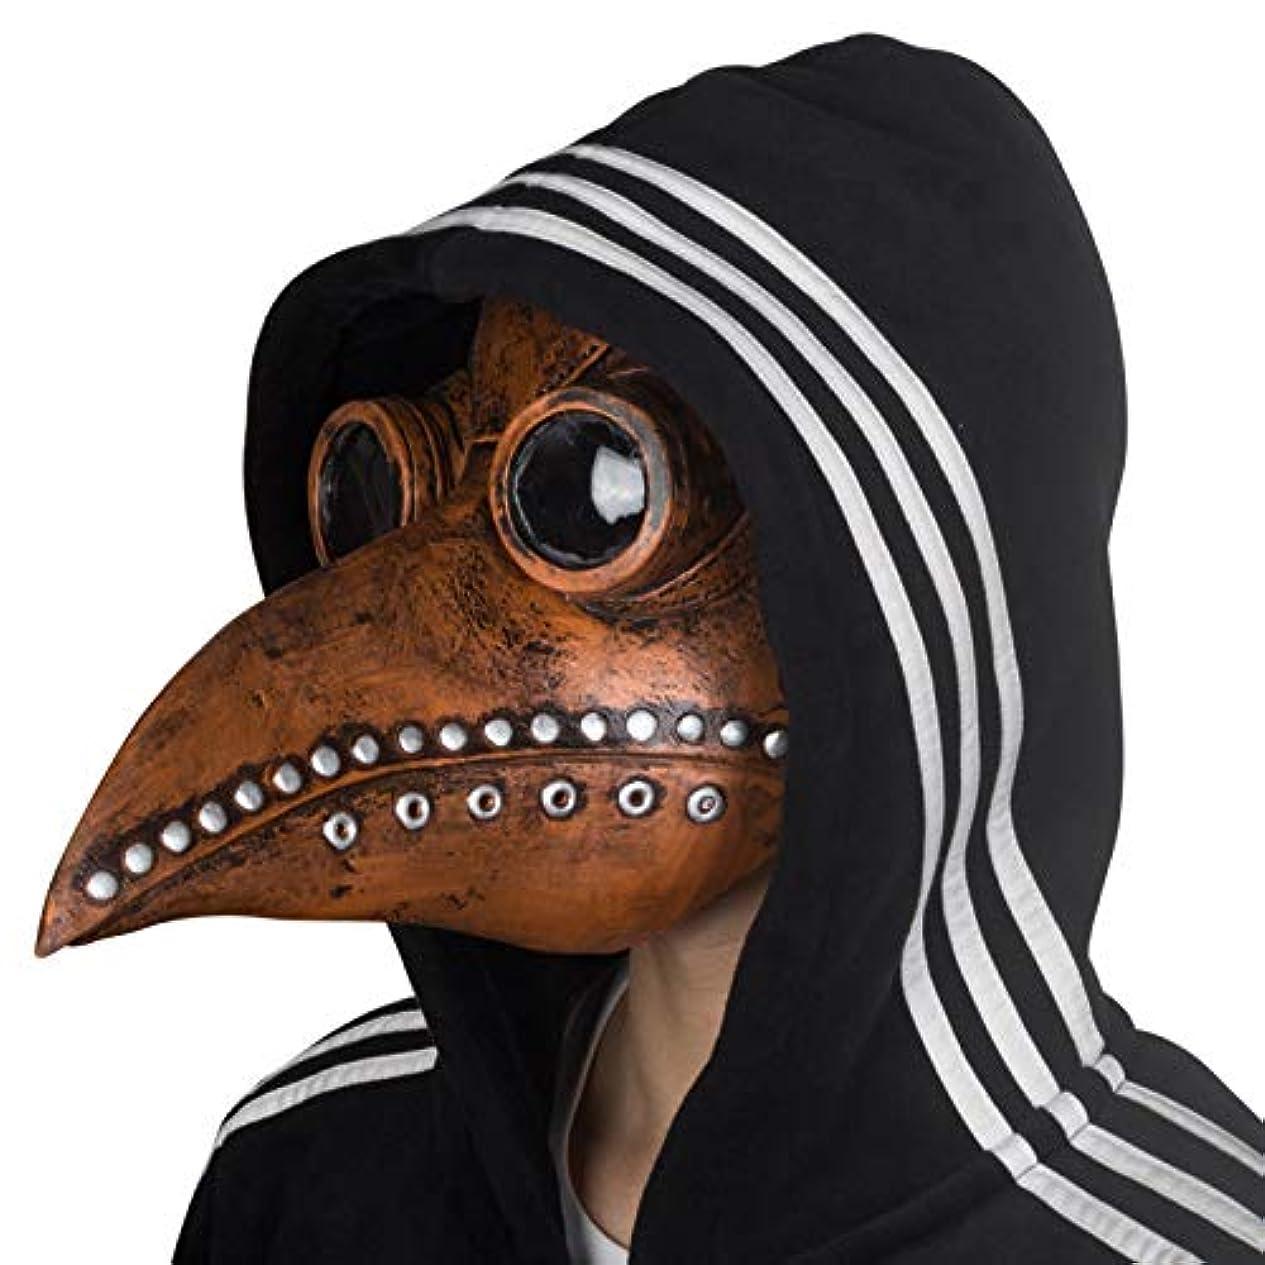 疲労批判的ホールドハロウィーンは長い鳥の口の医師マスクコスプレウエディング小道具のギフトを悩ま,ブラウン